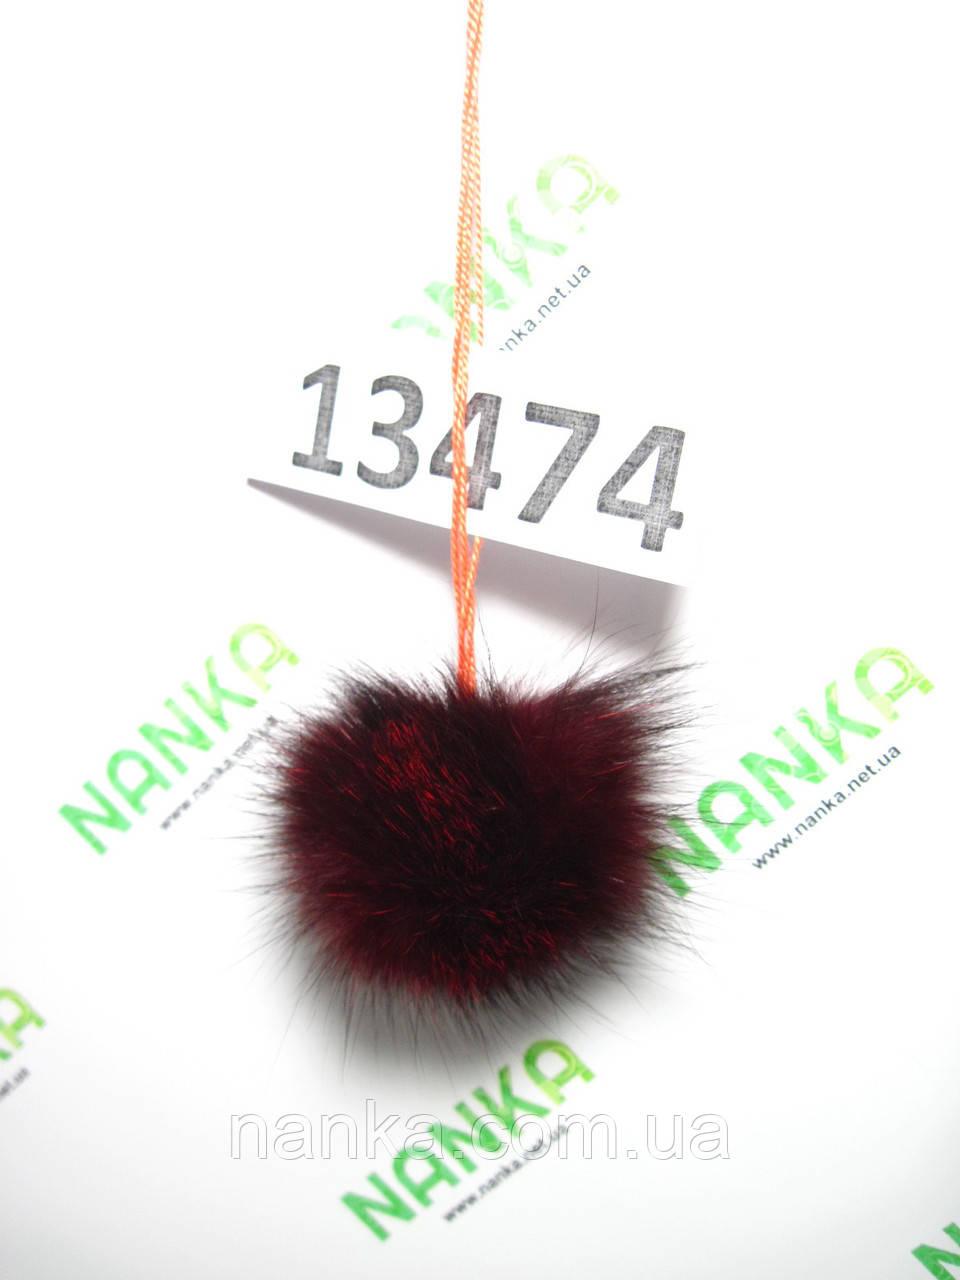 Меховой помпон Чернобурка, Красный, 5 см, 13474